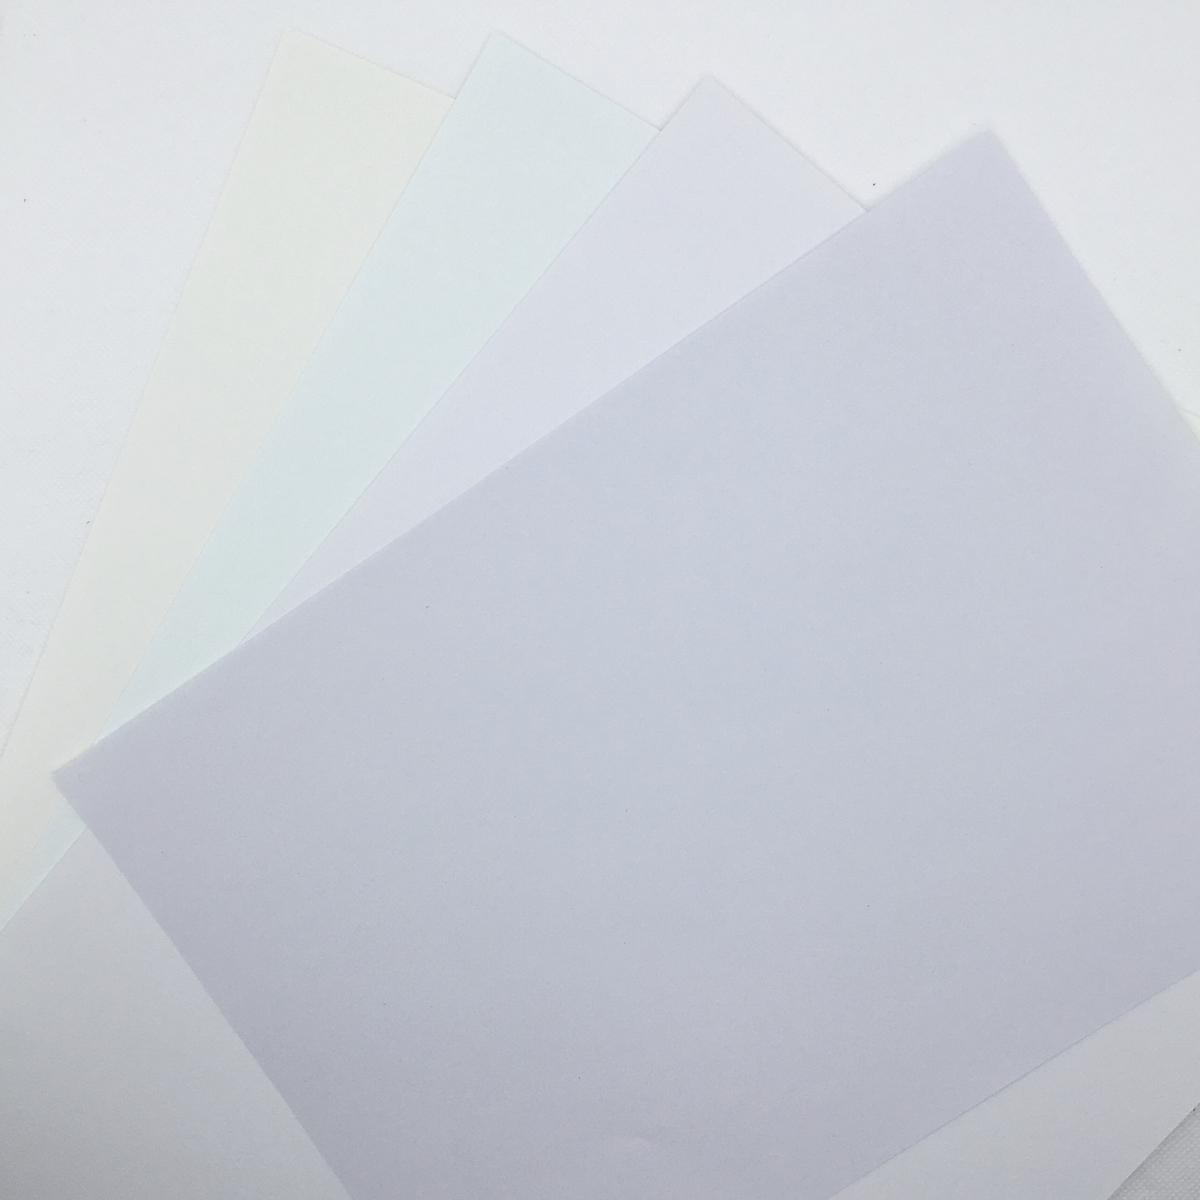 四種類の白色の紙をAmzdeal撮影ボックスに入れてライトを点けたところ